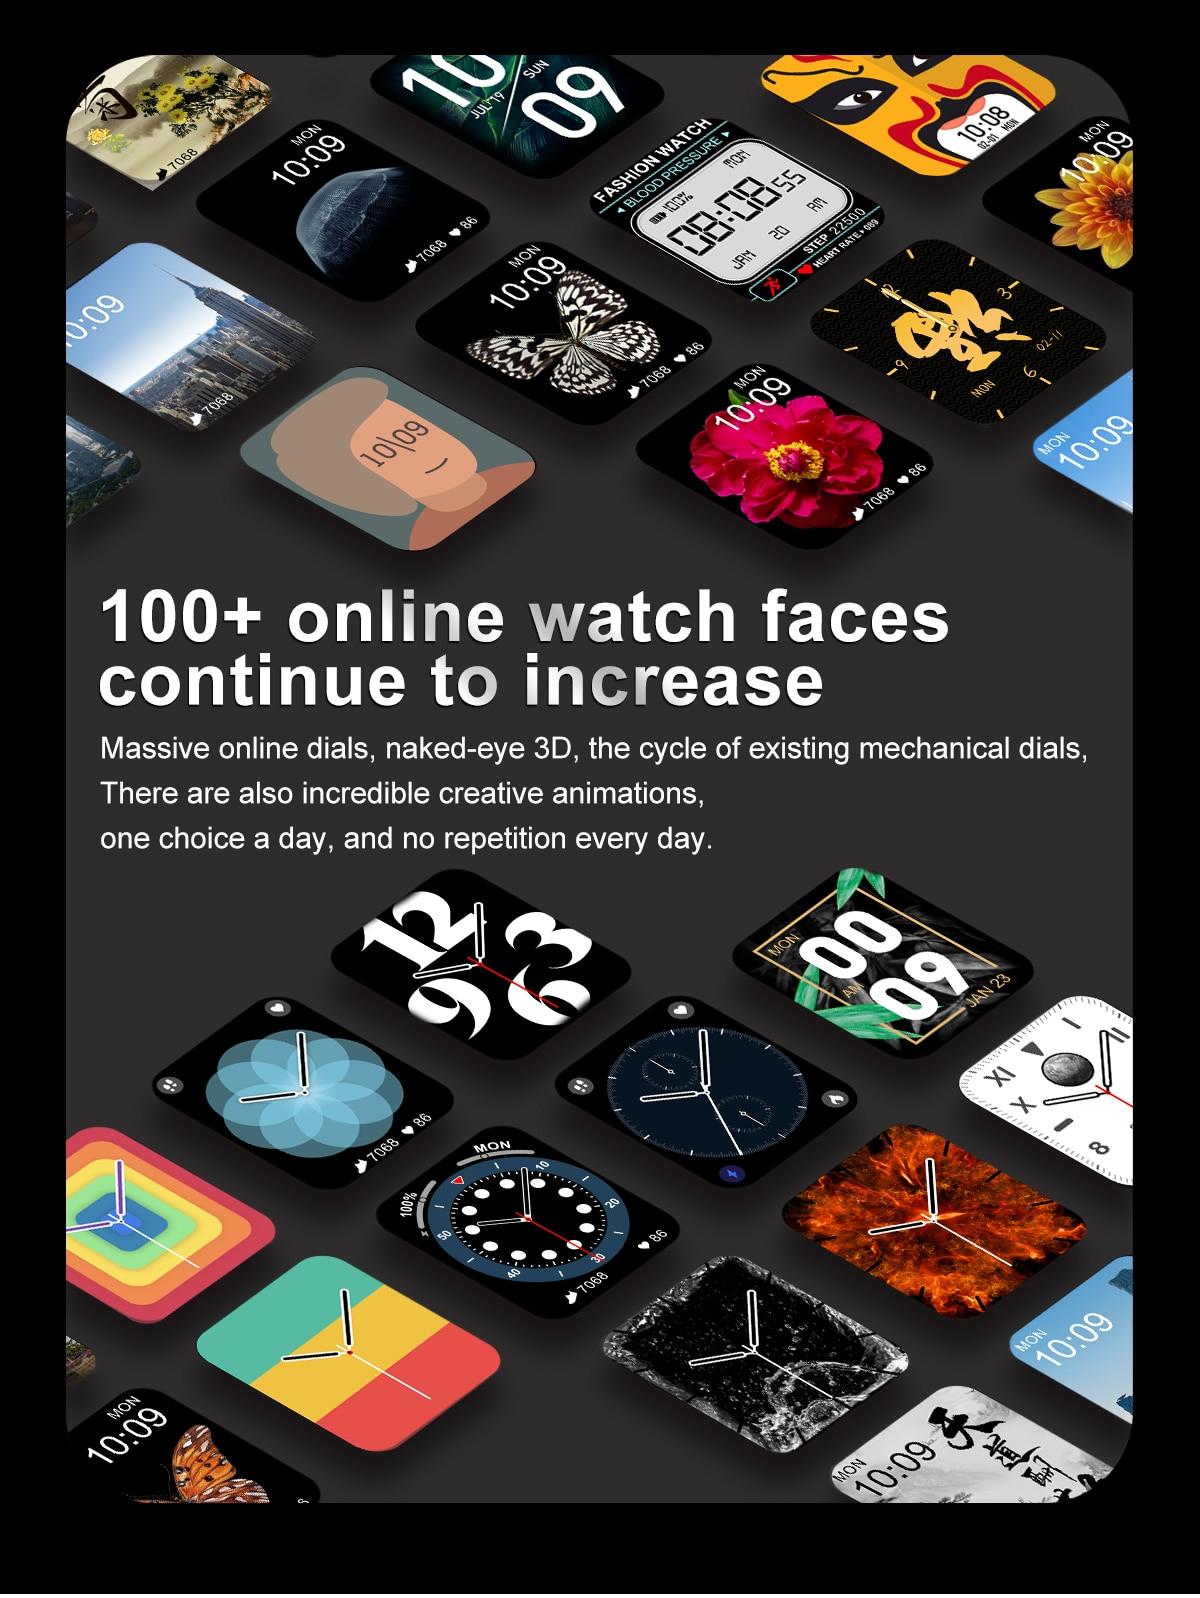 H54a3112549f745549aa02f019bc6a2c2q DT100 pro Smart Watch Bluetooth Call Custom Dynamic Watch Face IP68 Waterproof Smartwatch Men Women for Apple Watch Iwo W26